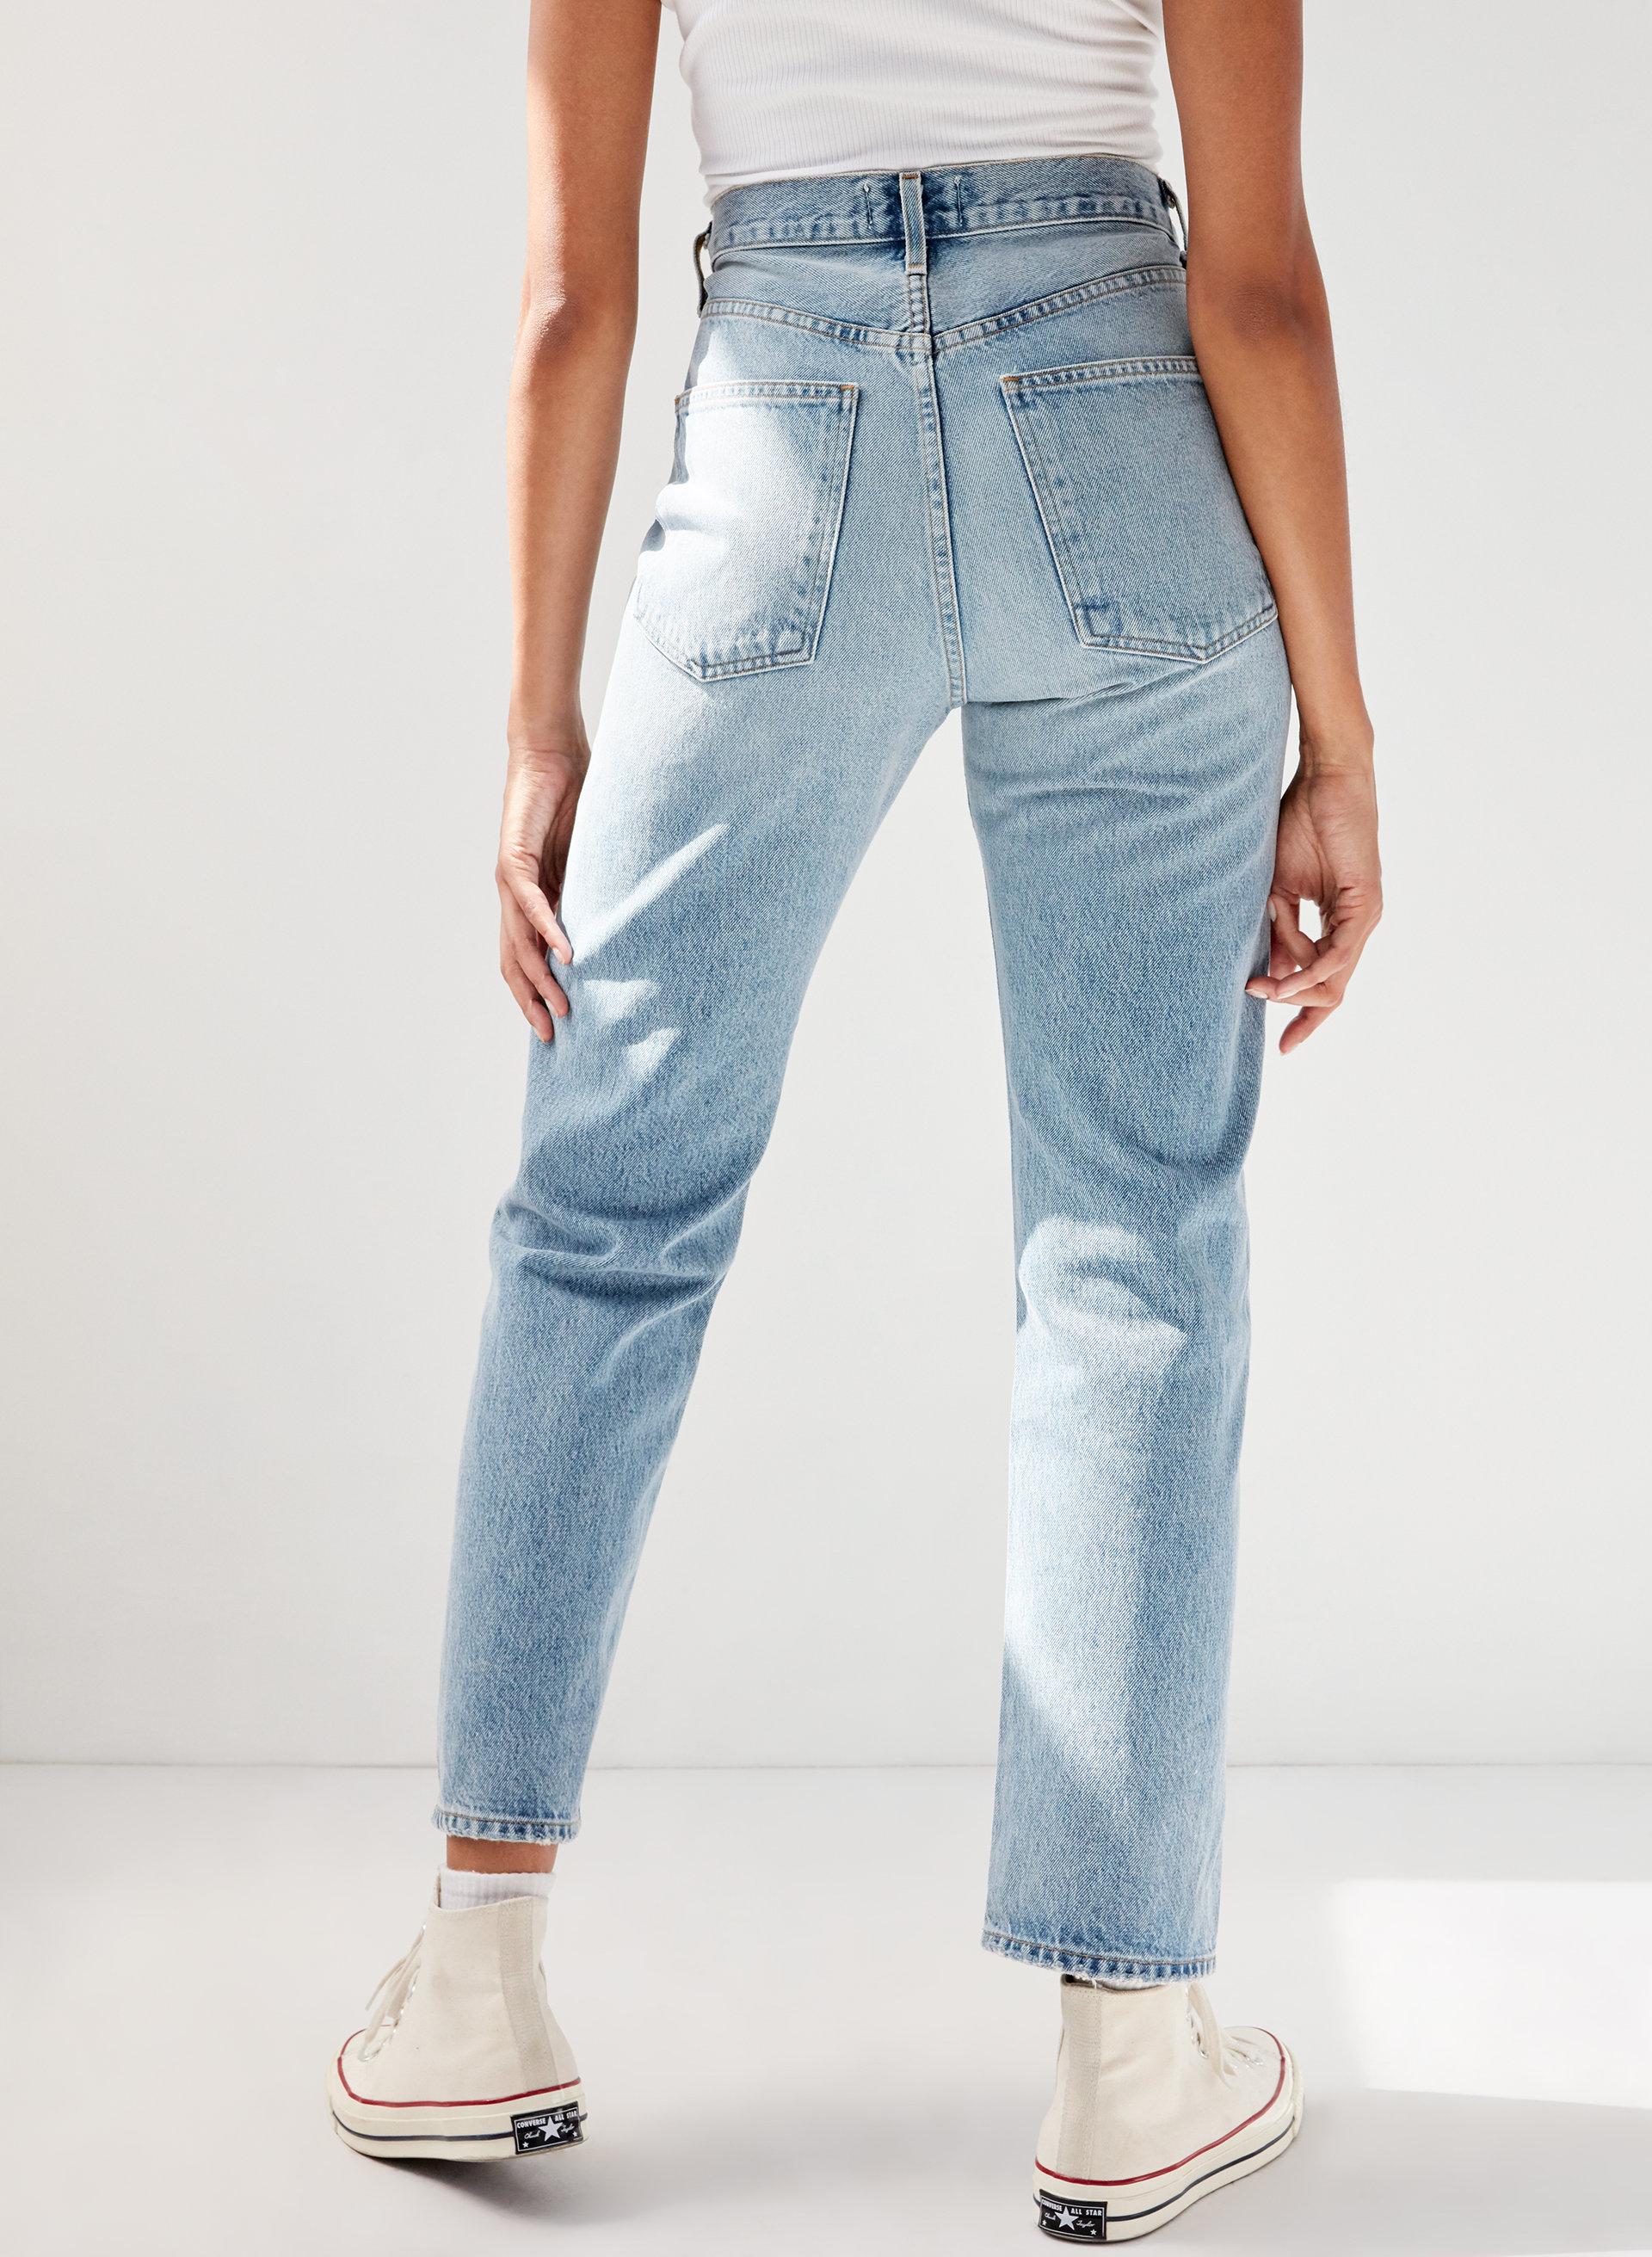 6862518683343f '90S JEAN AFFAIR - High-waisted boyfriend-fit jean